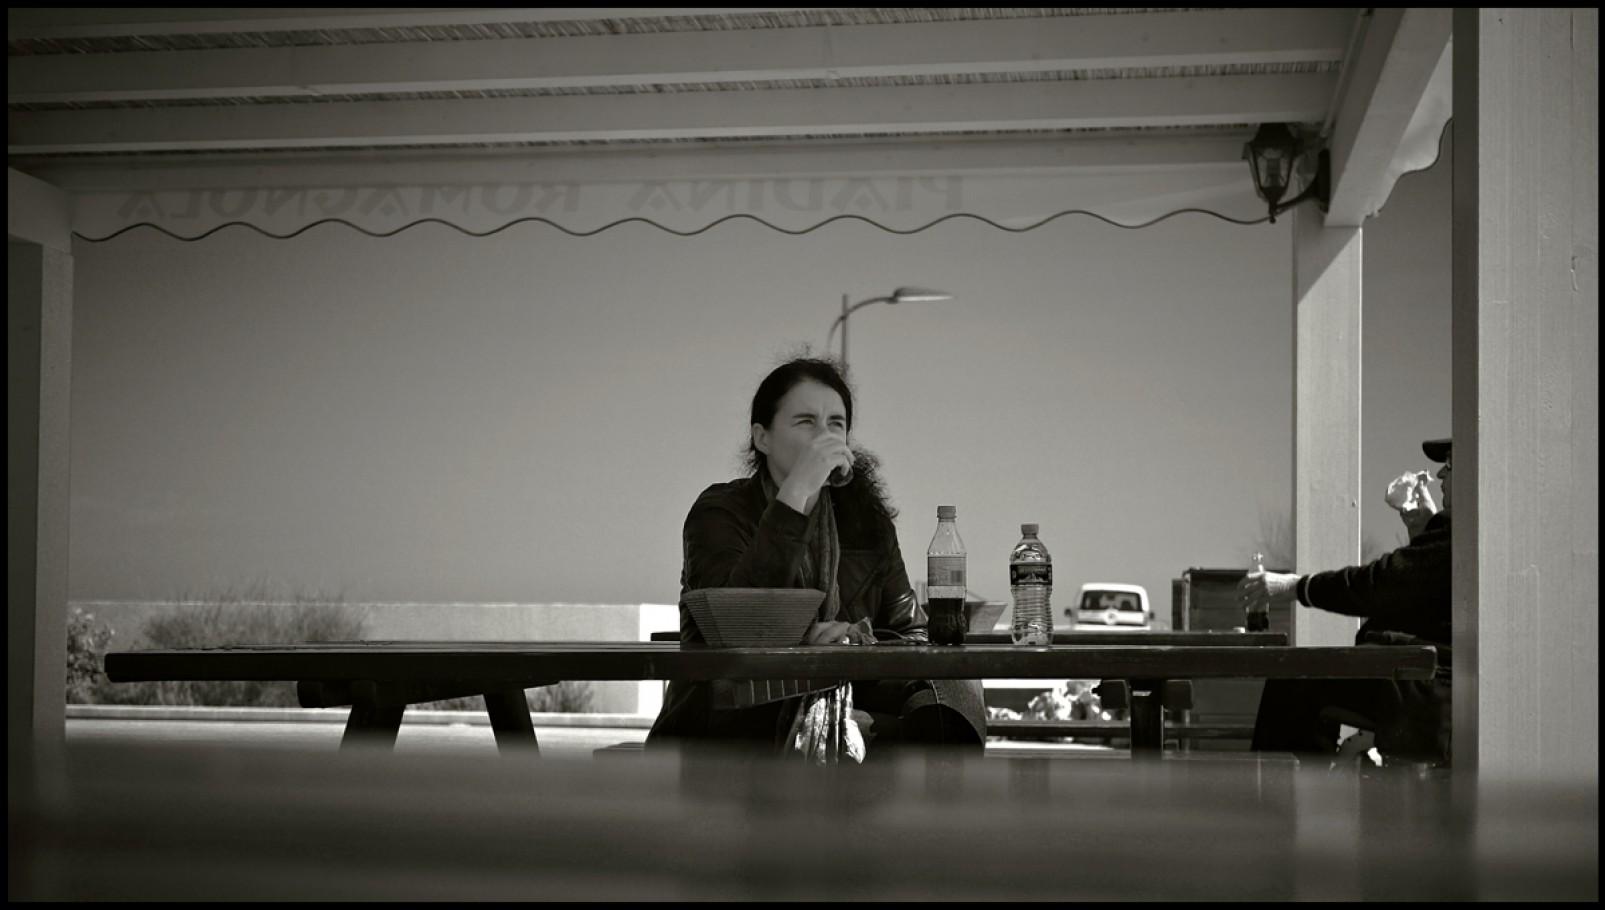 26 marzo 2011, Lido di Dante, chiosco della piadina